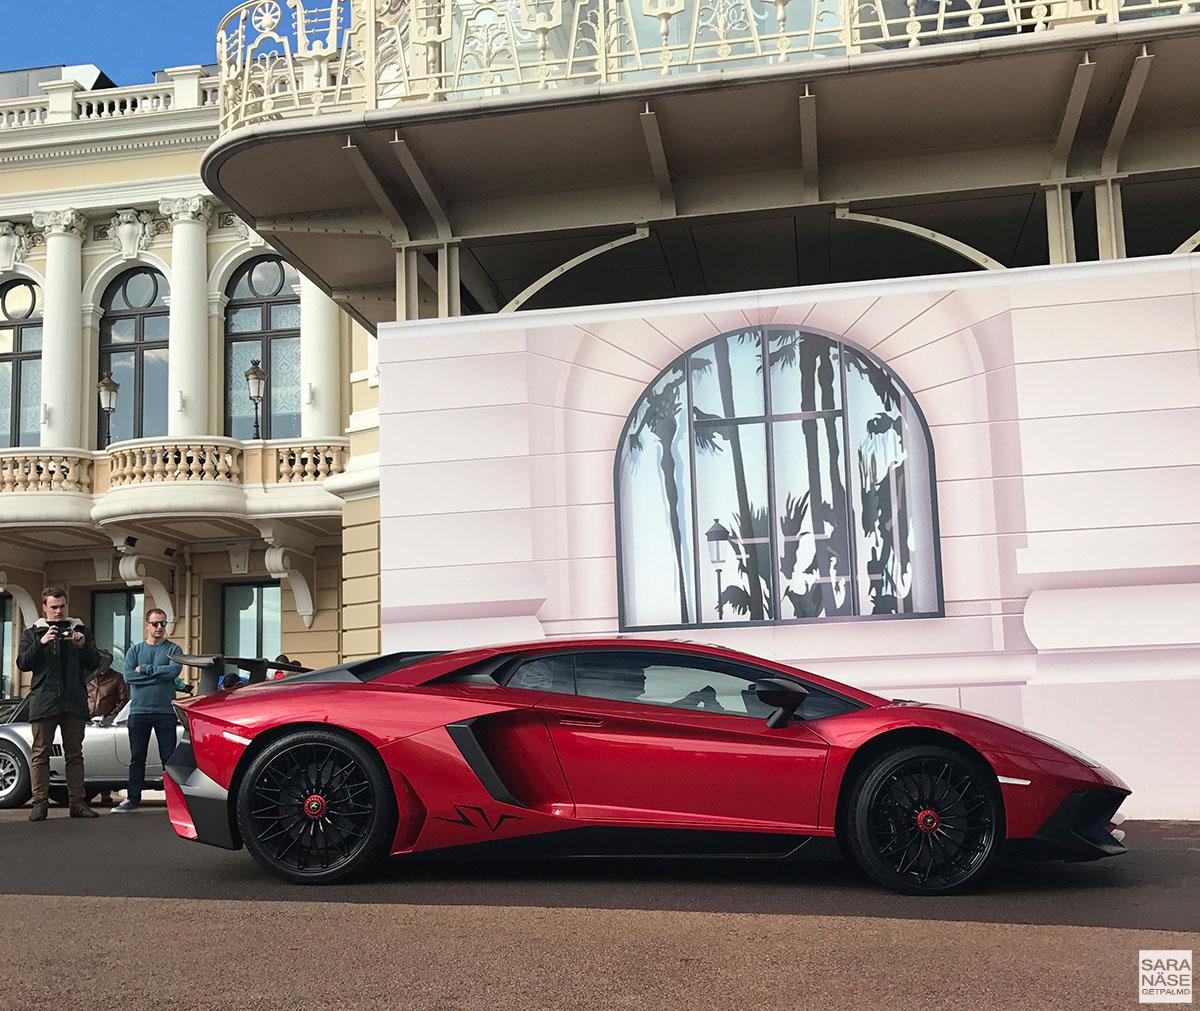 Lamborghini Aventador SV - Cars & Coffee Monaco